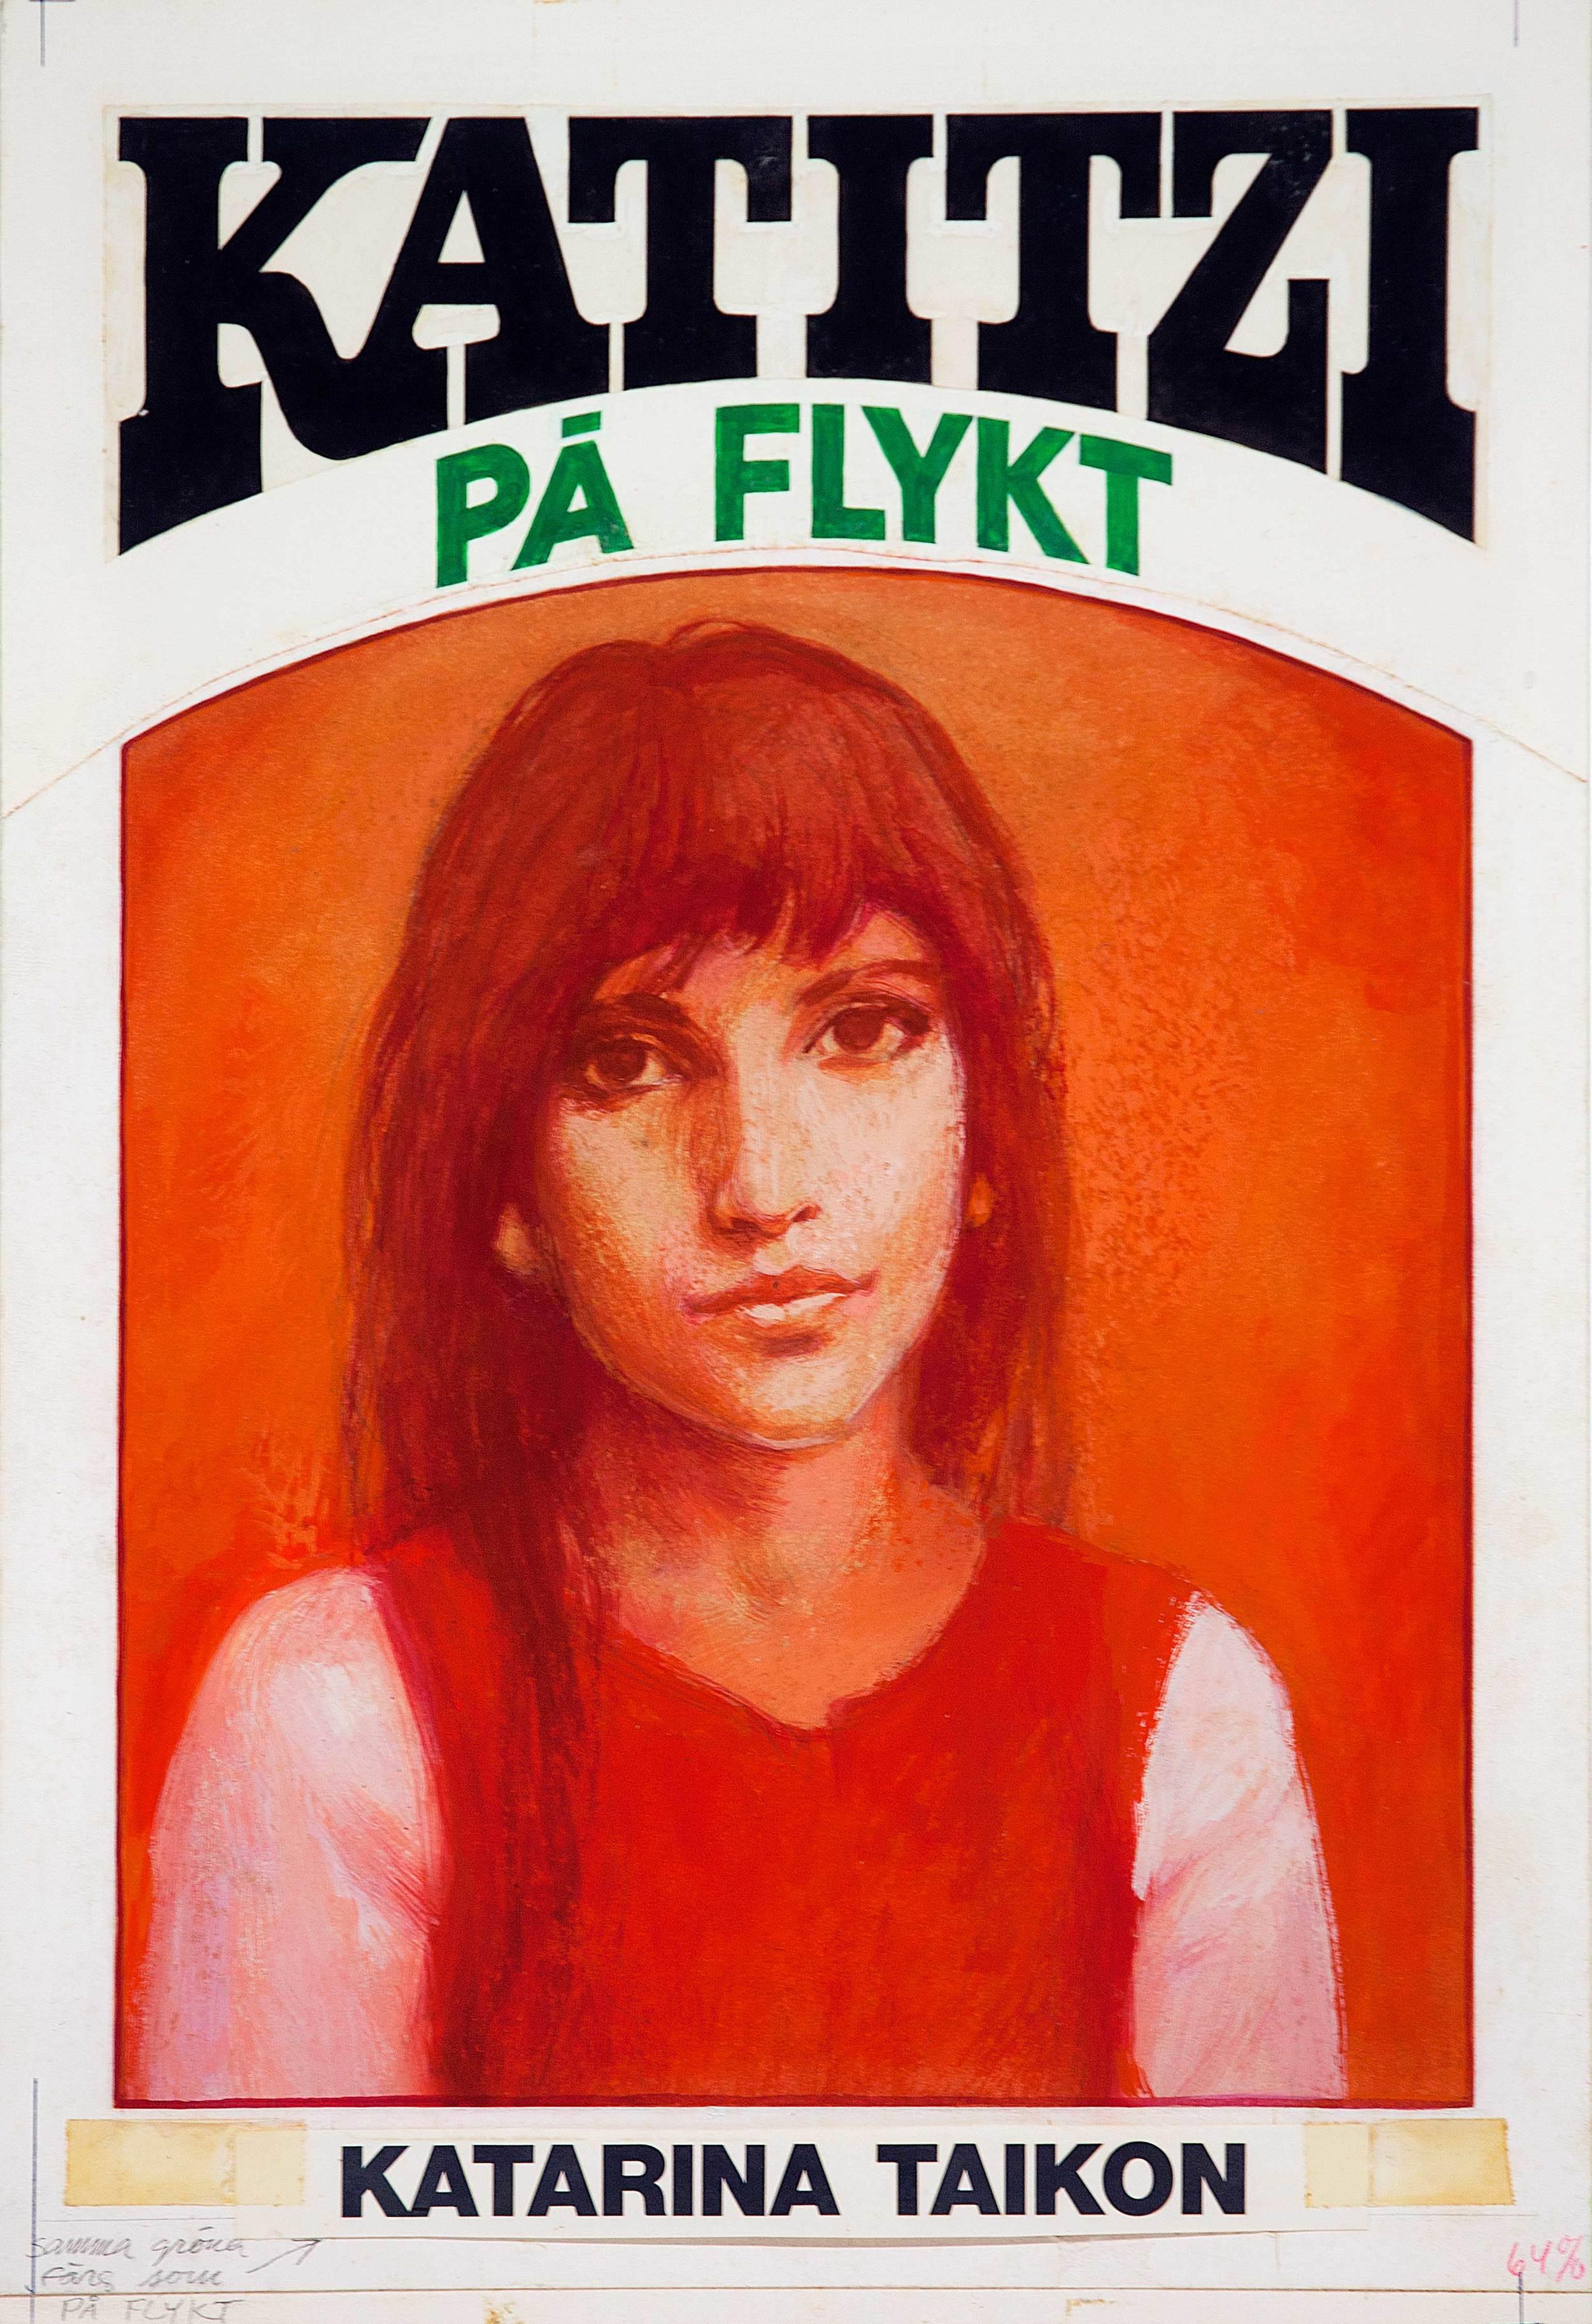 Björn Hedlund illustrerade de tidigare böckerna och serierna om Katitzi.